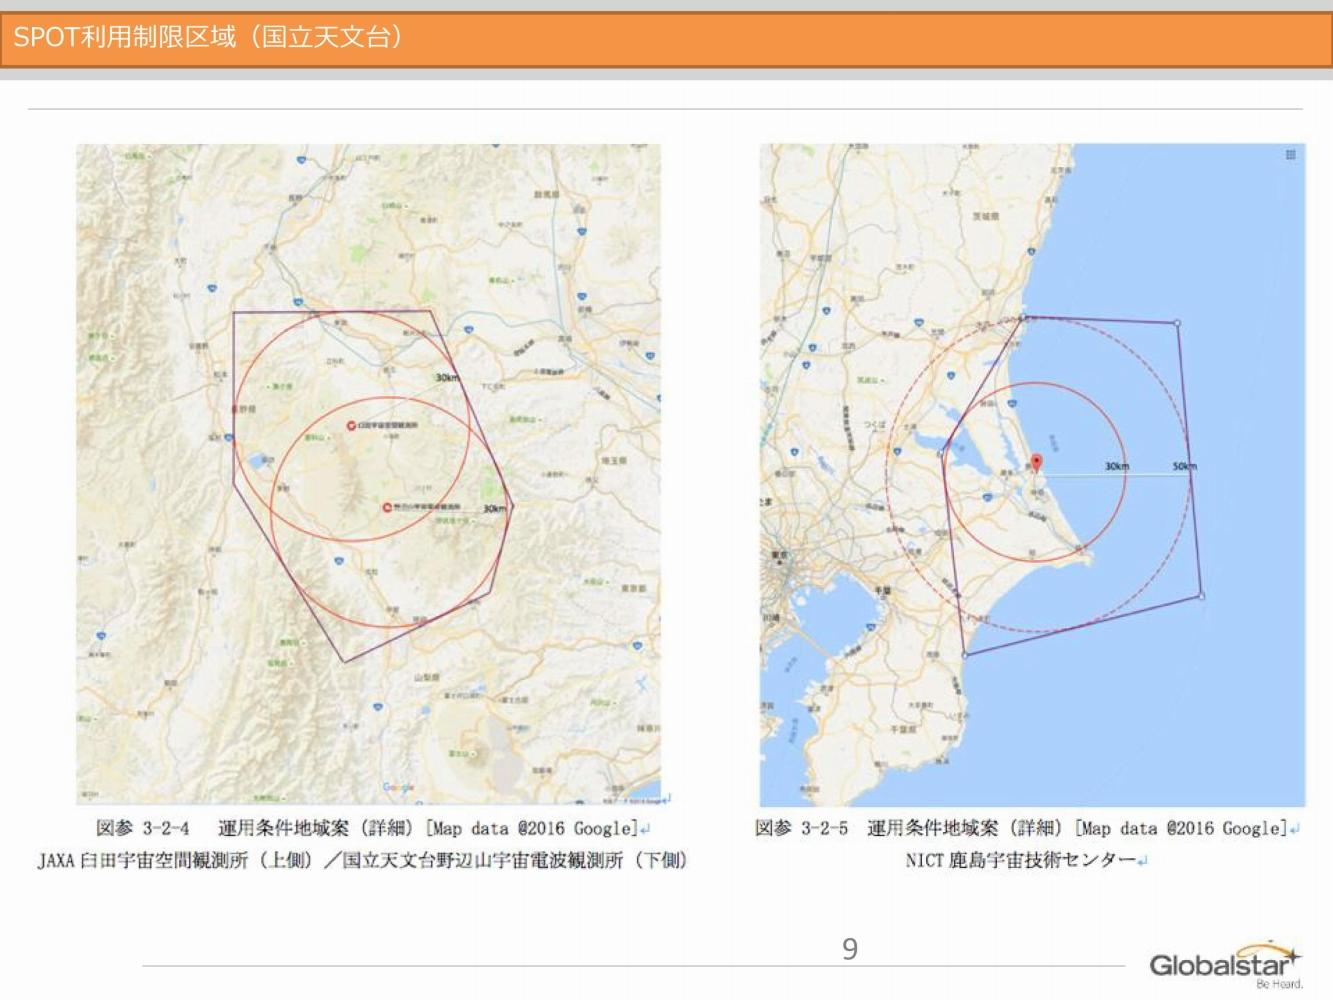 「SPOT」シリーズは電波法の制限により、日本国内では、1)JAXA臼田宇宙空間観測所および国立天文台野辺山宇宙観測所の周囲30km内、2)NICT鹿島宇宙技術センターの陸側30km内・海側50km内――の2つのエリアでは位置情報を送信することができない。山岳地としては、八ヶ岳の一部において使用できないので注意が必要だ。ただしこの制限エリア内においても、緊急性の高いSOS信号に限っては送信することができる